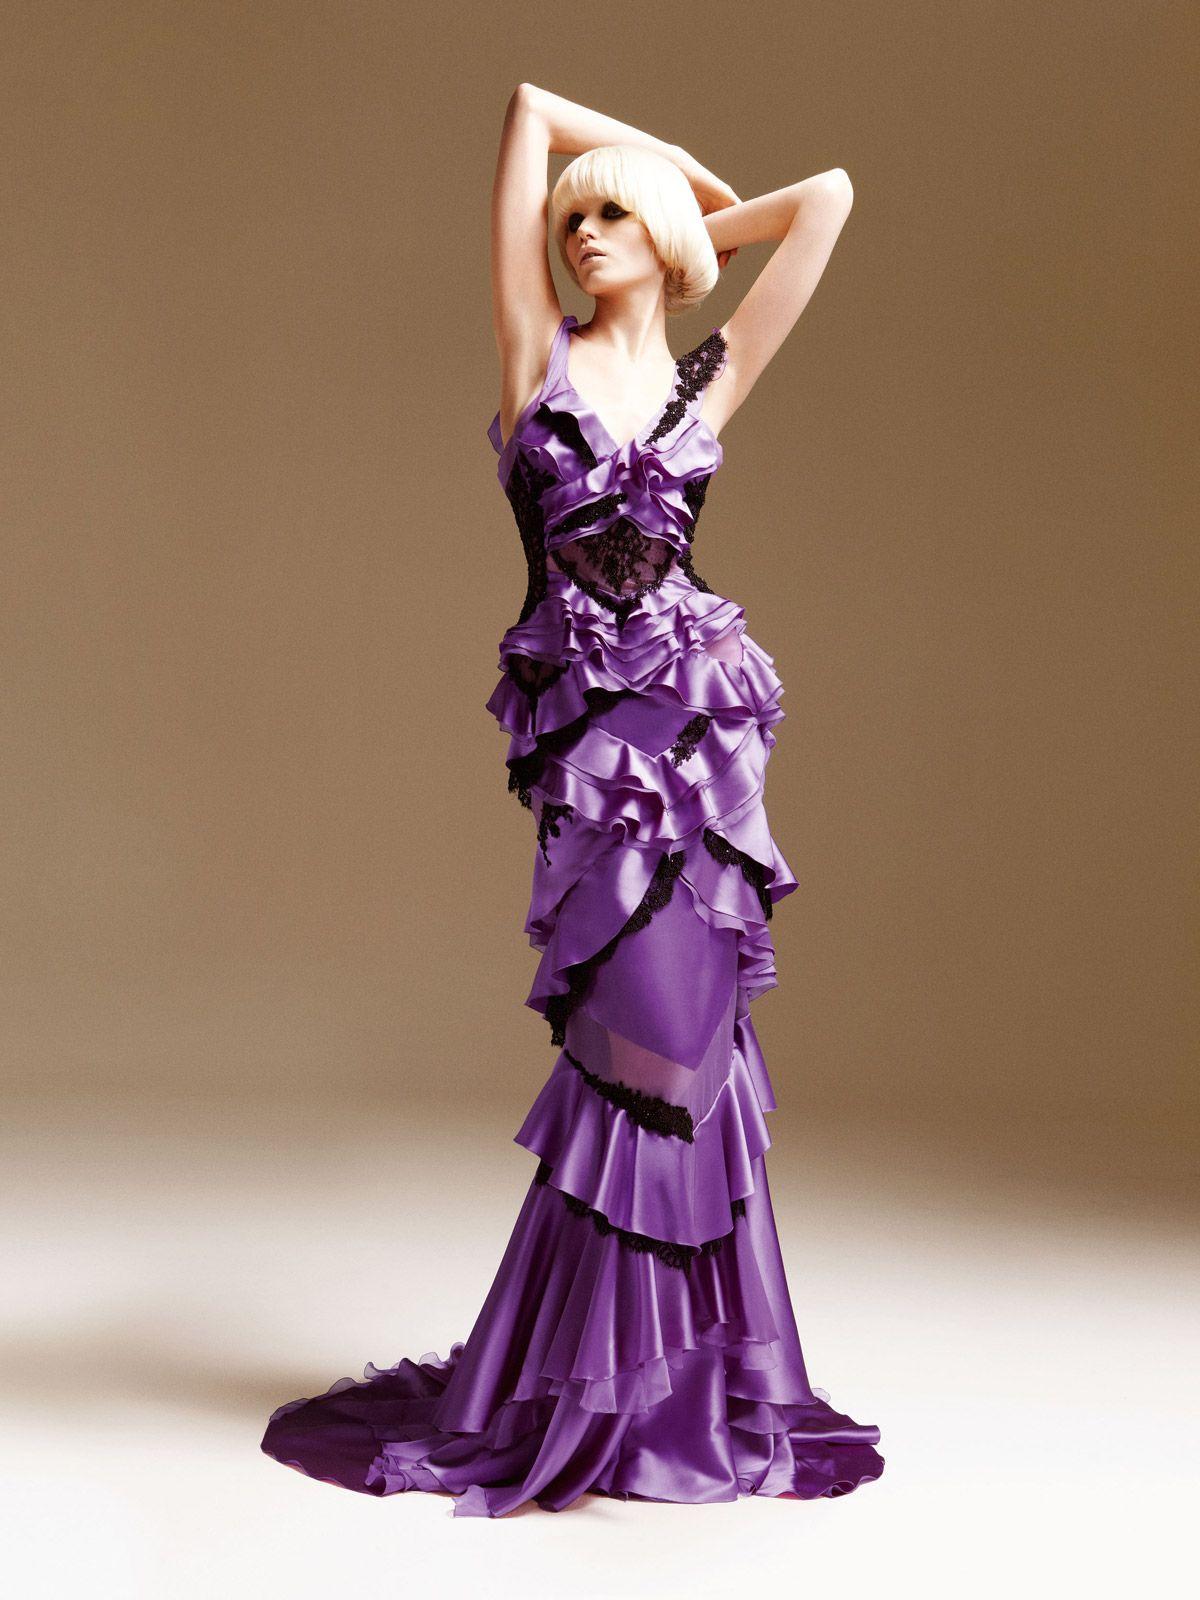 Versace wedding dress  atelier Versace  Versace  Pinterest  Atelier versace Versace and